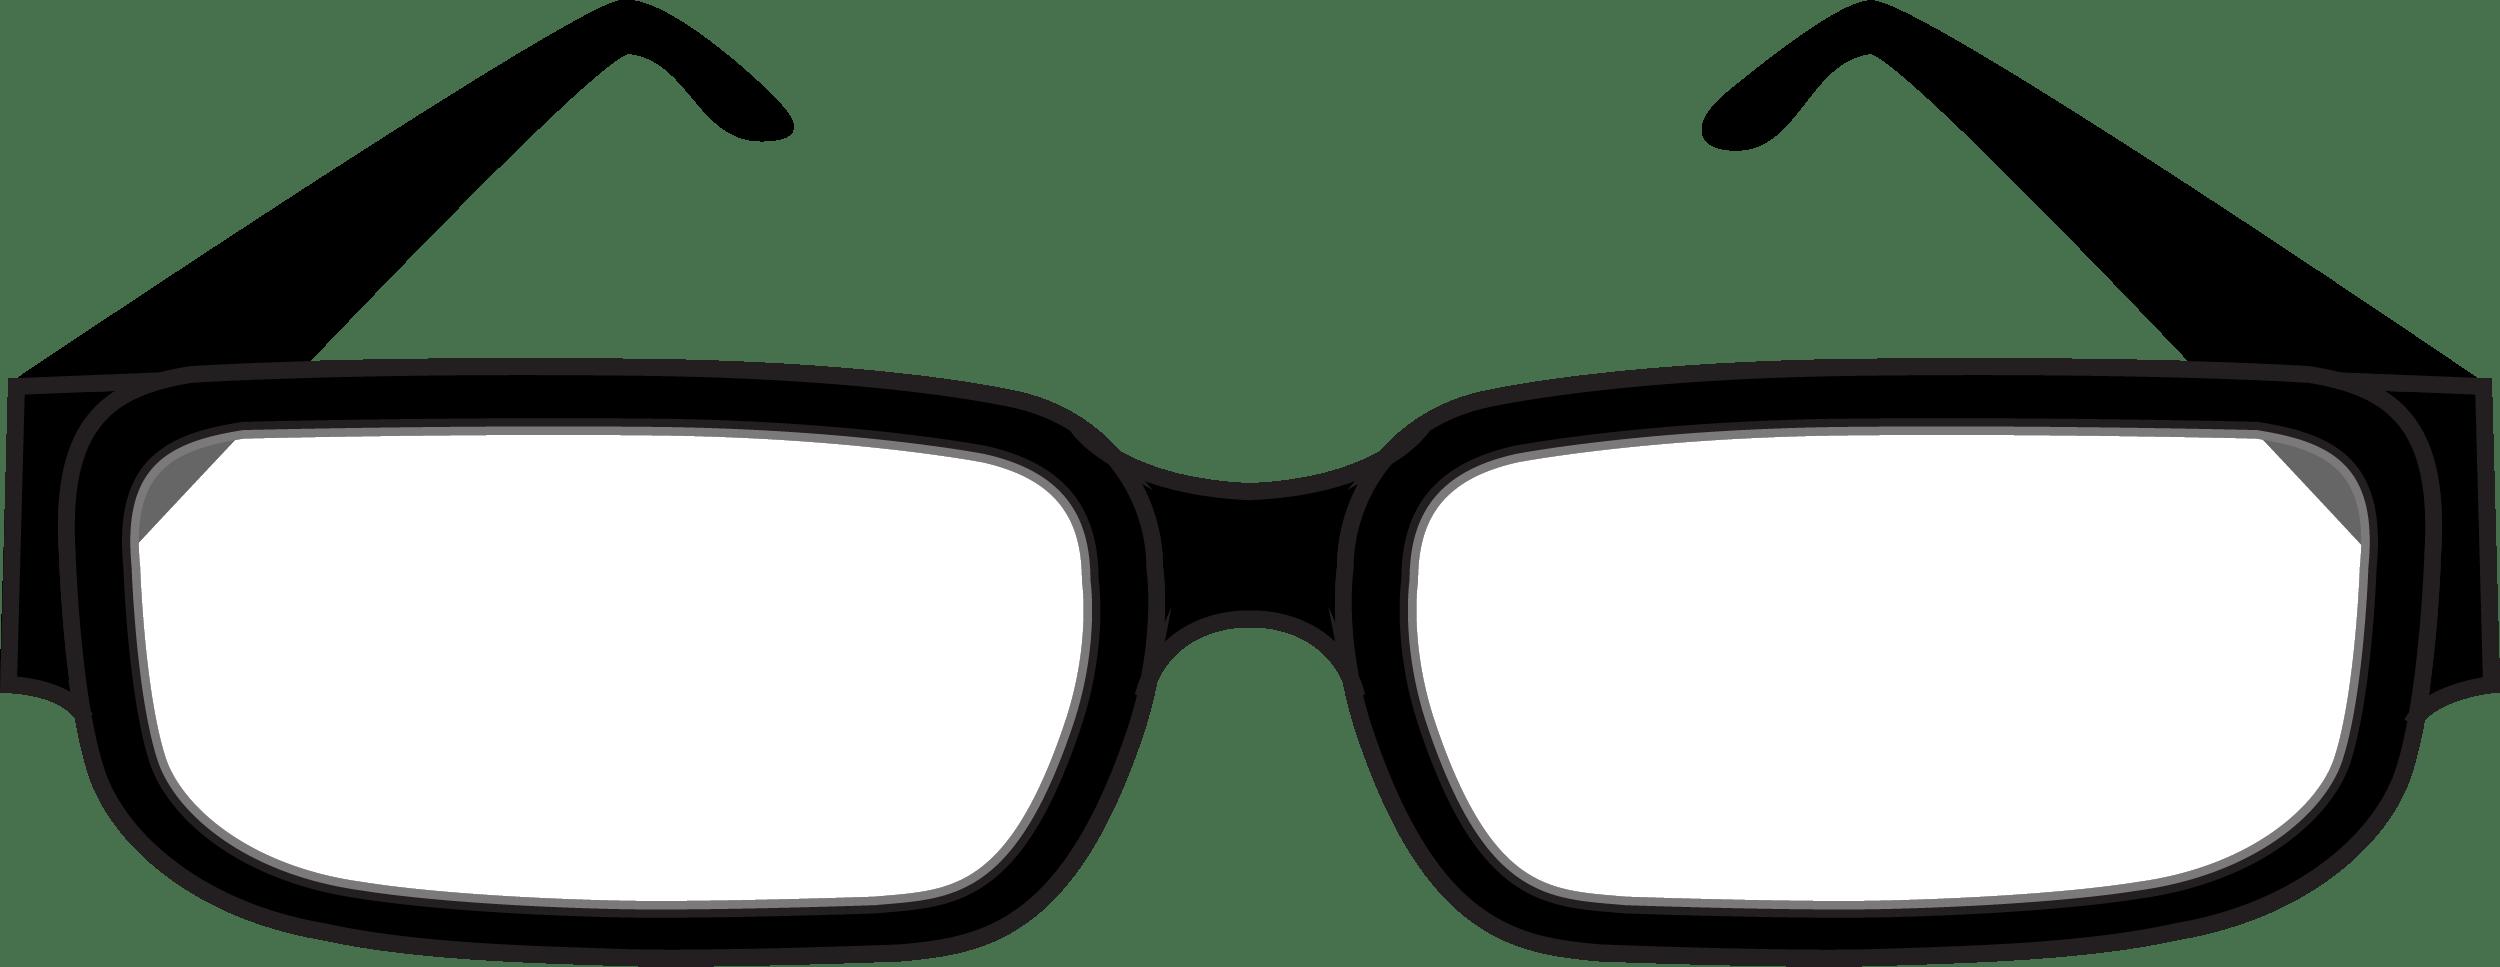 Formal Glasses PNG